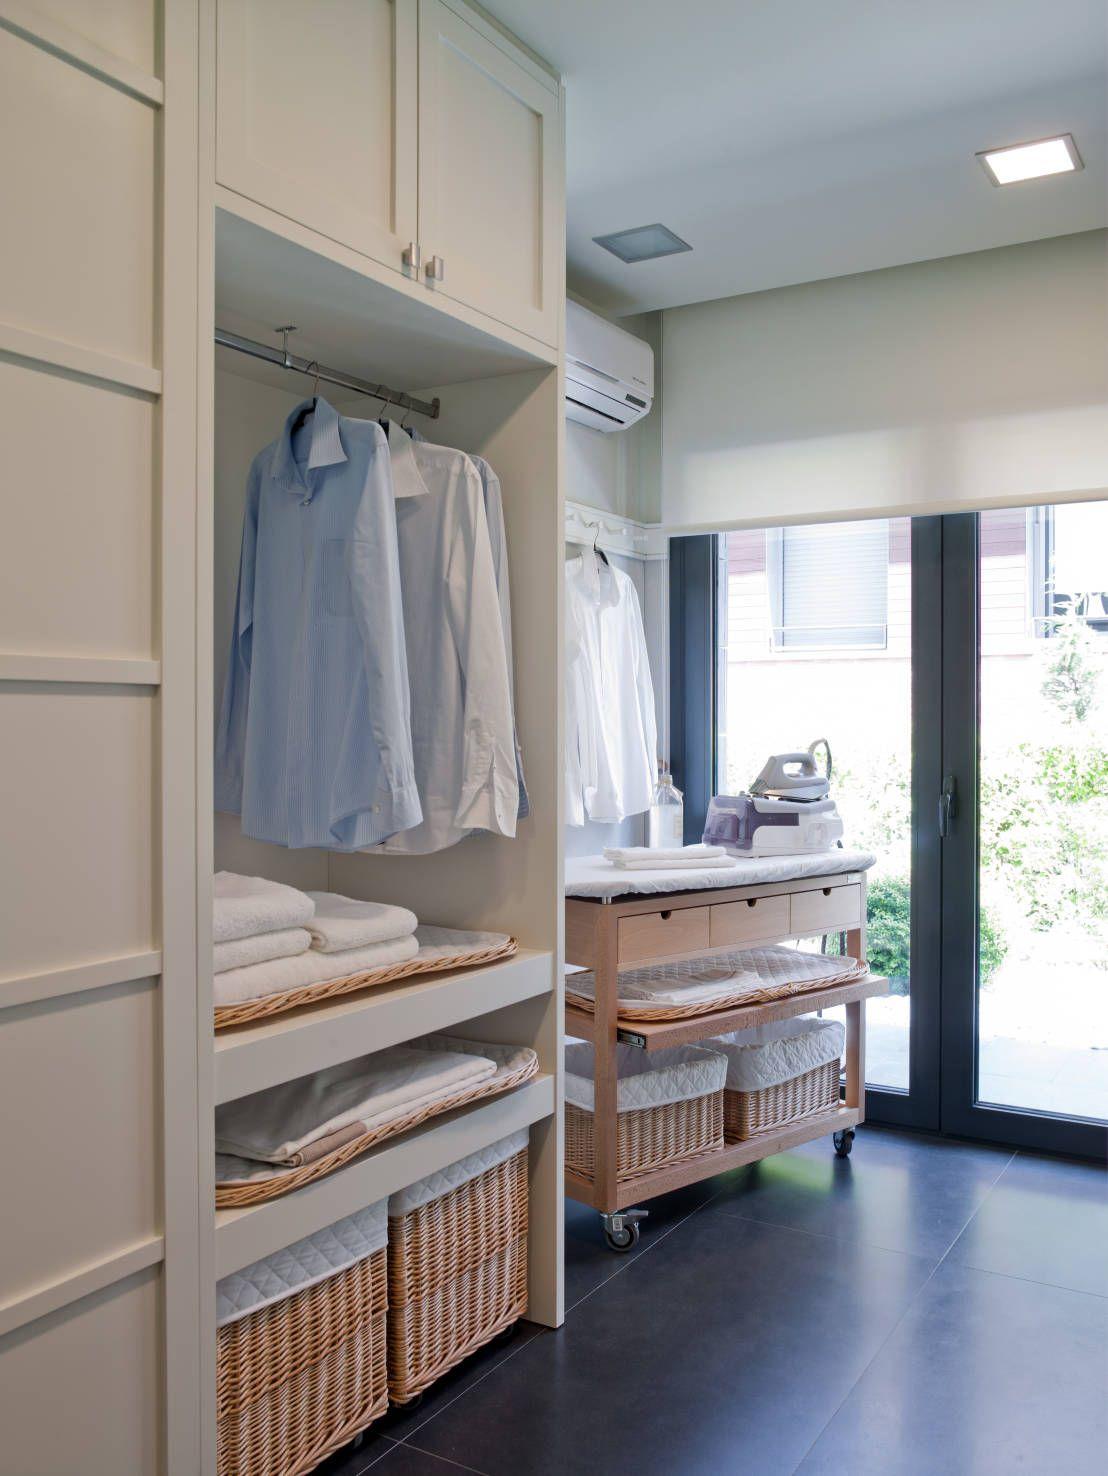 Artesanato Jundiai ~ Claves para conseguir un armario u00a1pequeño, bonito y bien ordenado! Planchas, Moderno y